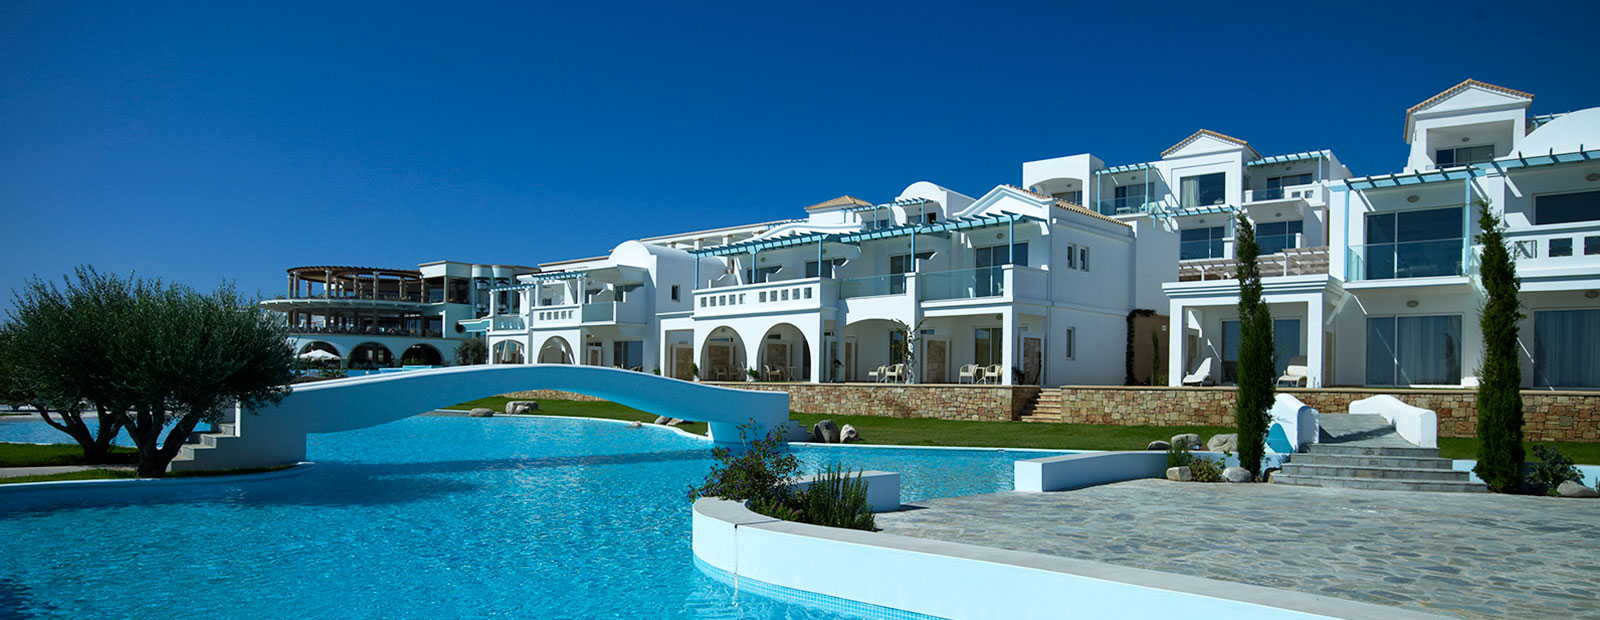 Exklusive hotels griechenland strandhotels designhotels am for Design hotel zypern